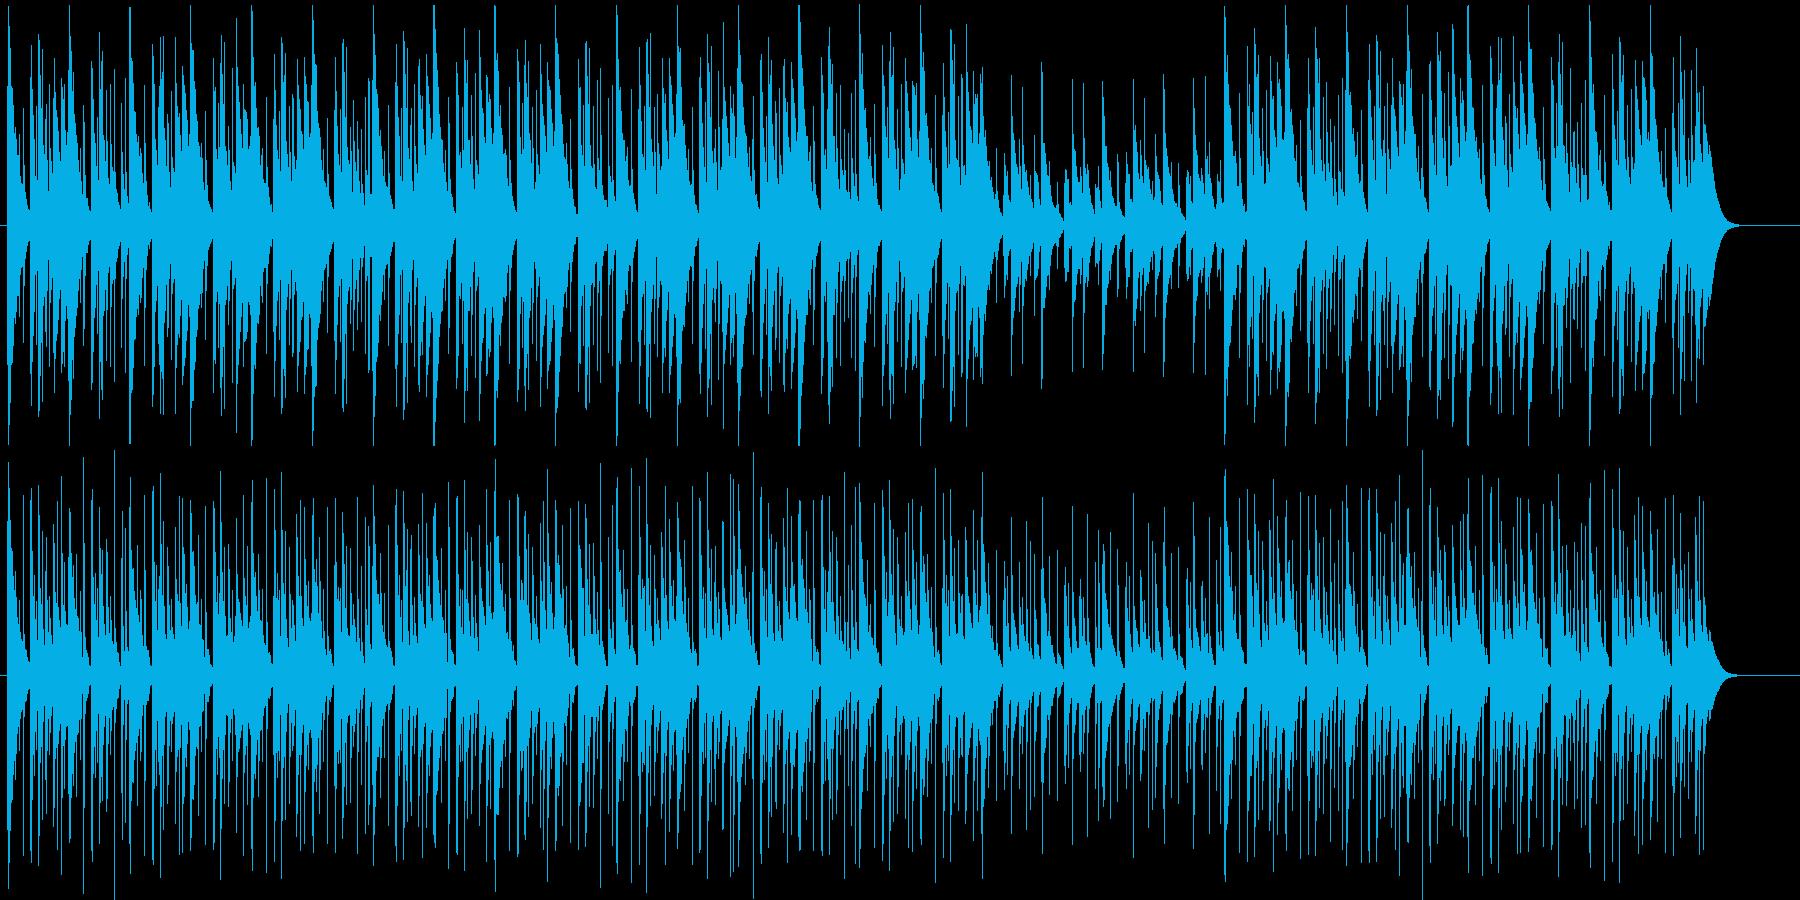 不思議さと少し気味悪さが漂うBGMの再生済みの波形